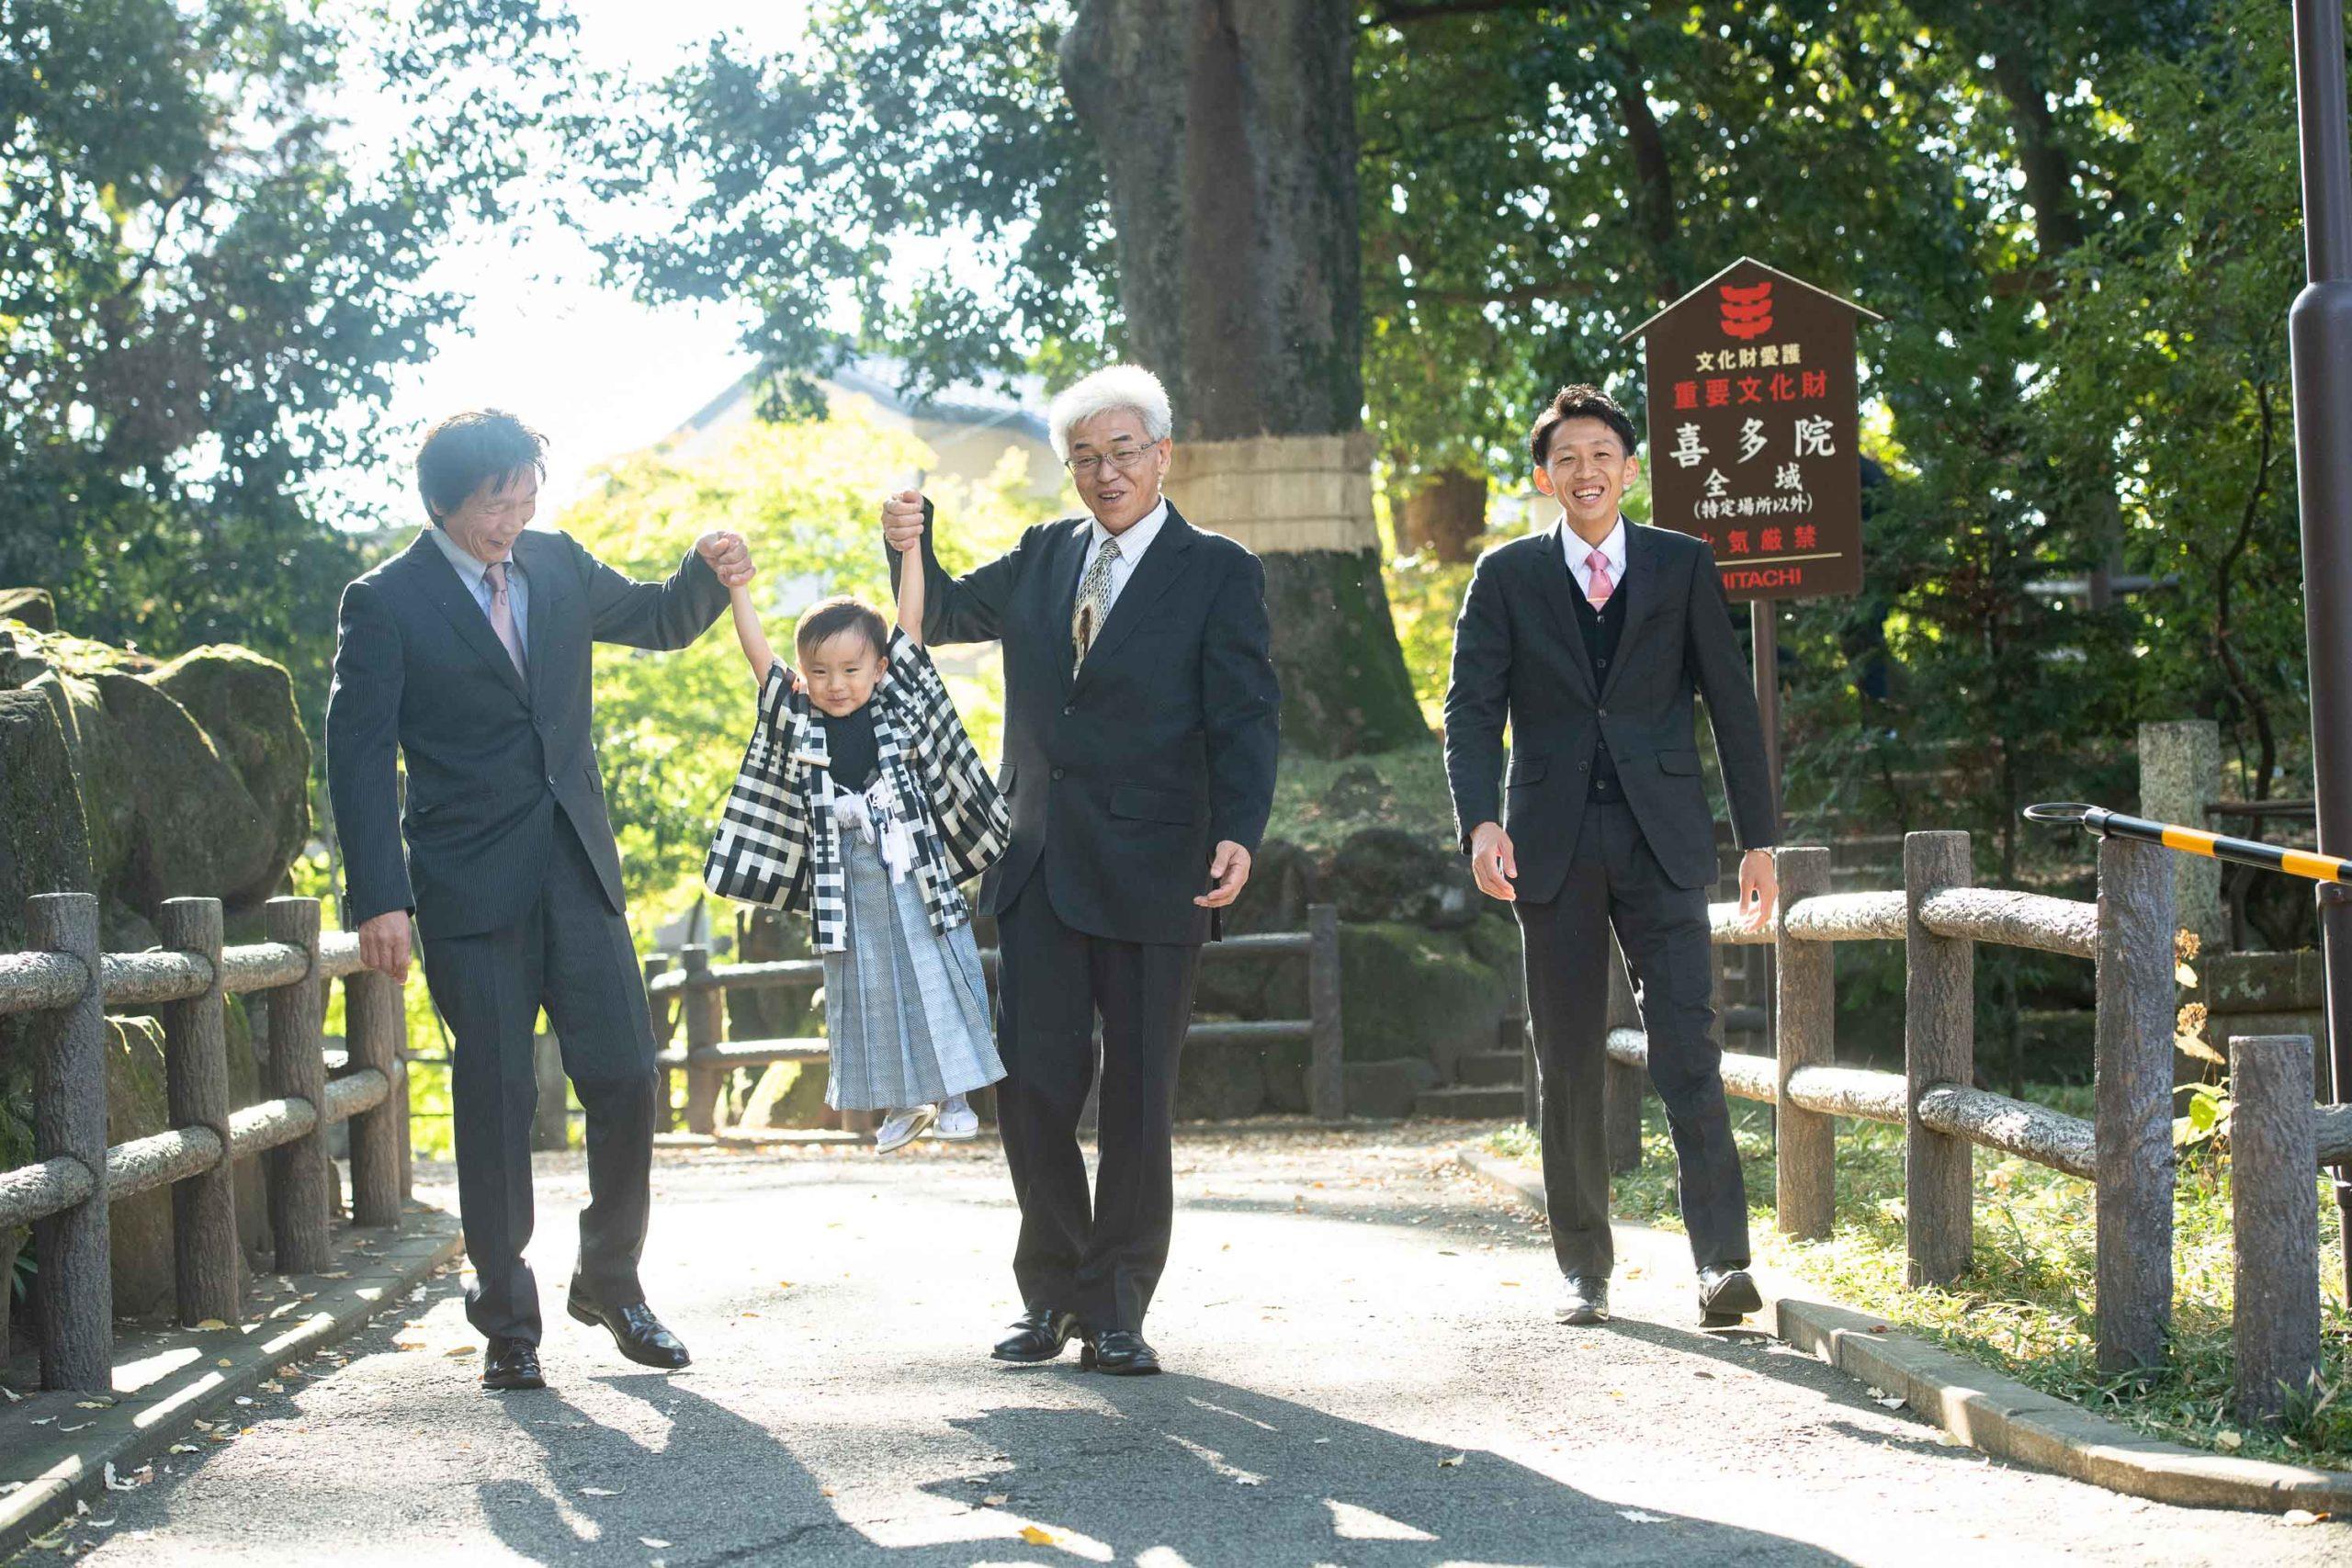 二人の男性に持ち上げられる着物姿の男の子と横に歩く男性